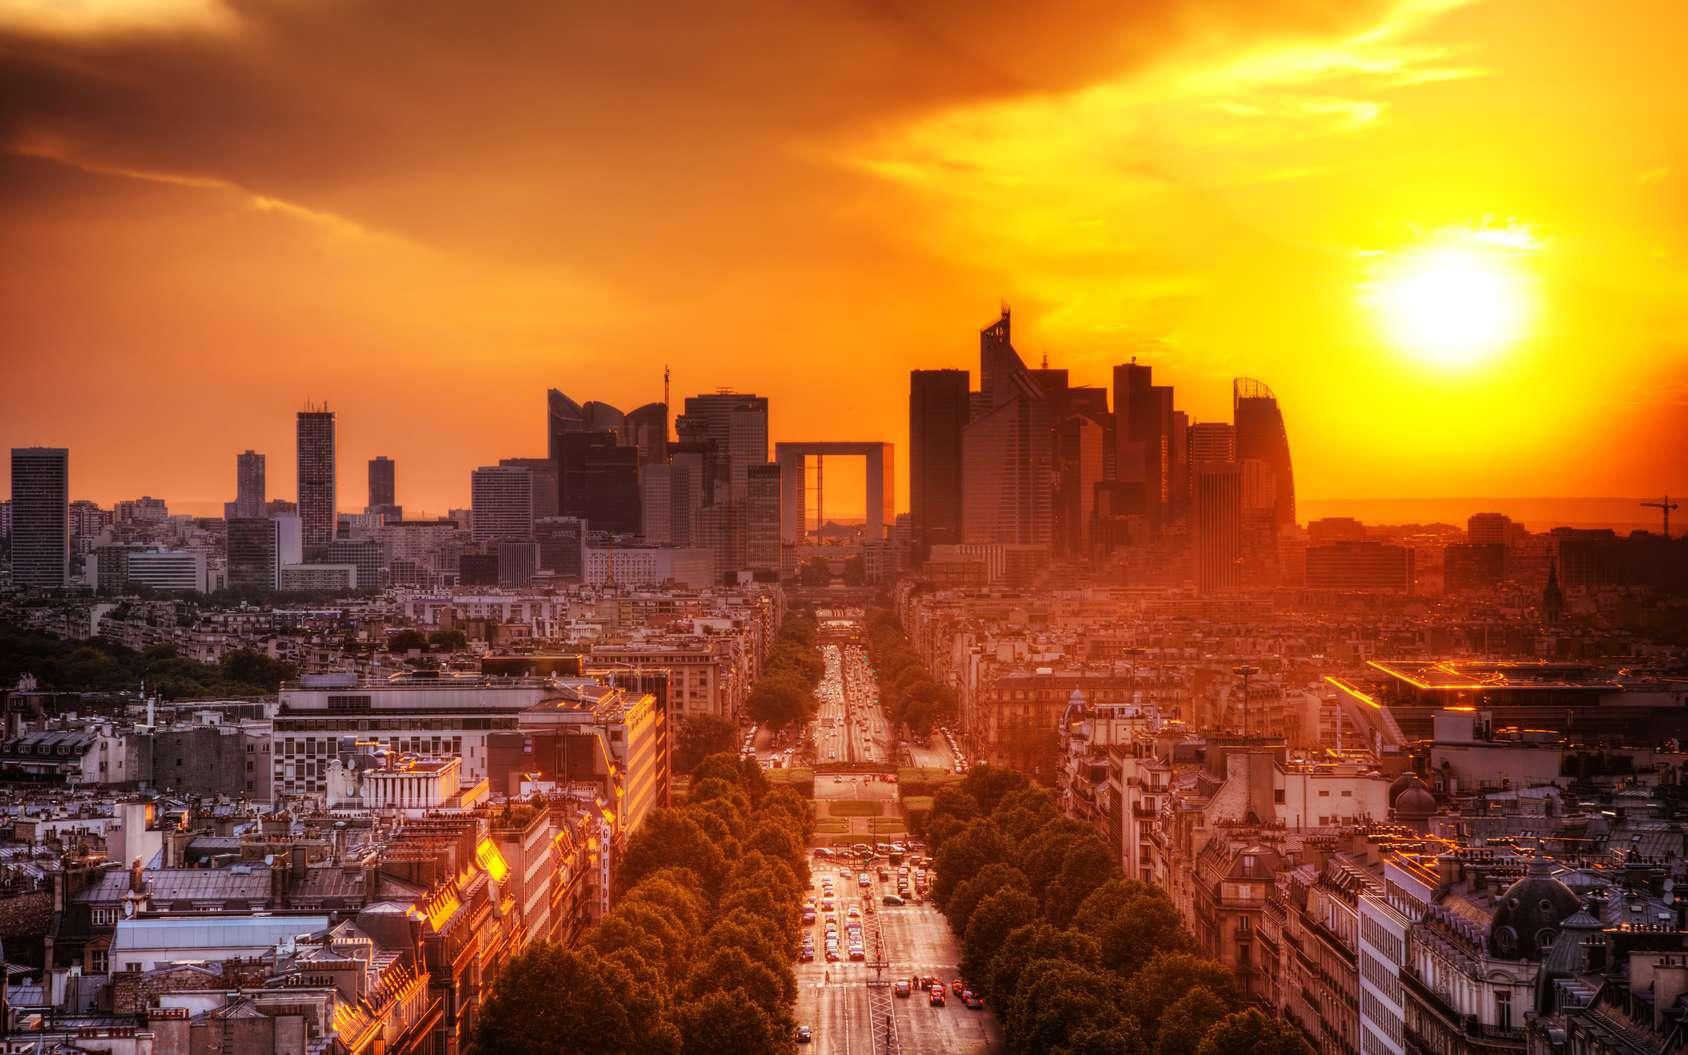 Les bulletins météo de 2050 sur Paris et sa région, seront semblables à ceux de Canberra en Australie. Une vue de La Défense et des Champs-Élysées. © Photocreo Bednarek, Fotolia